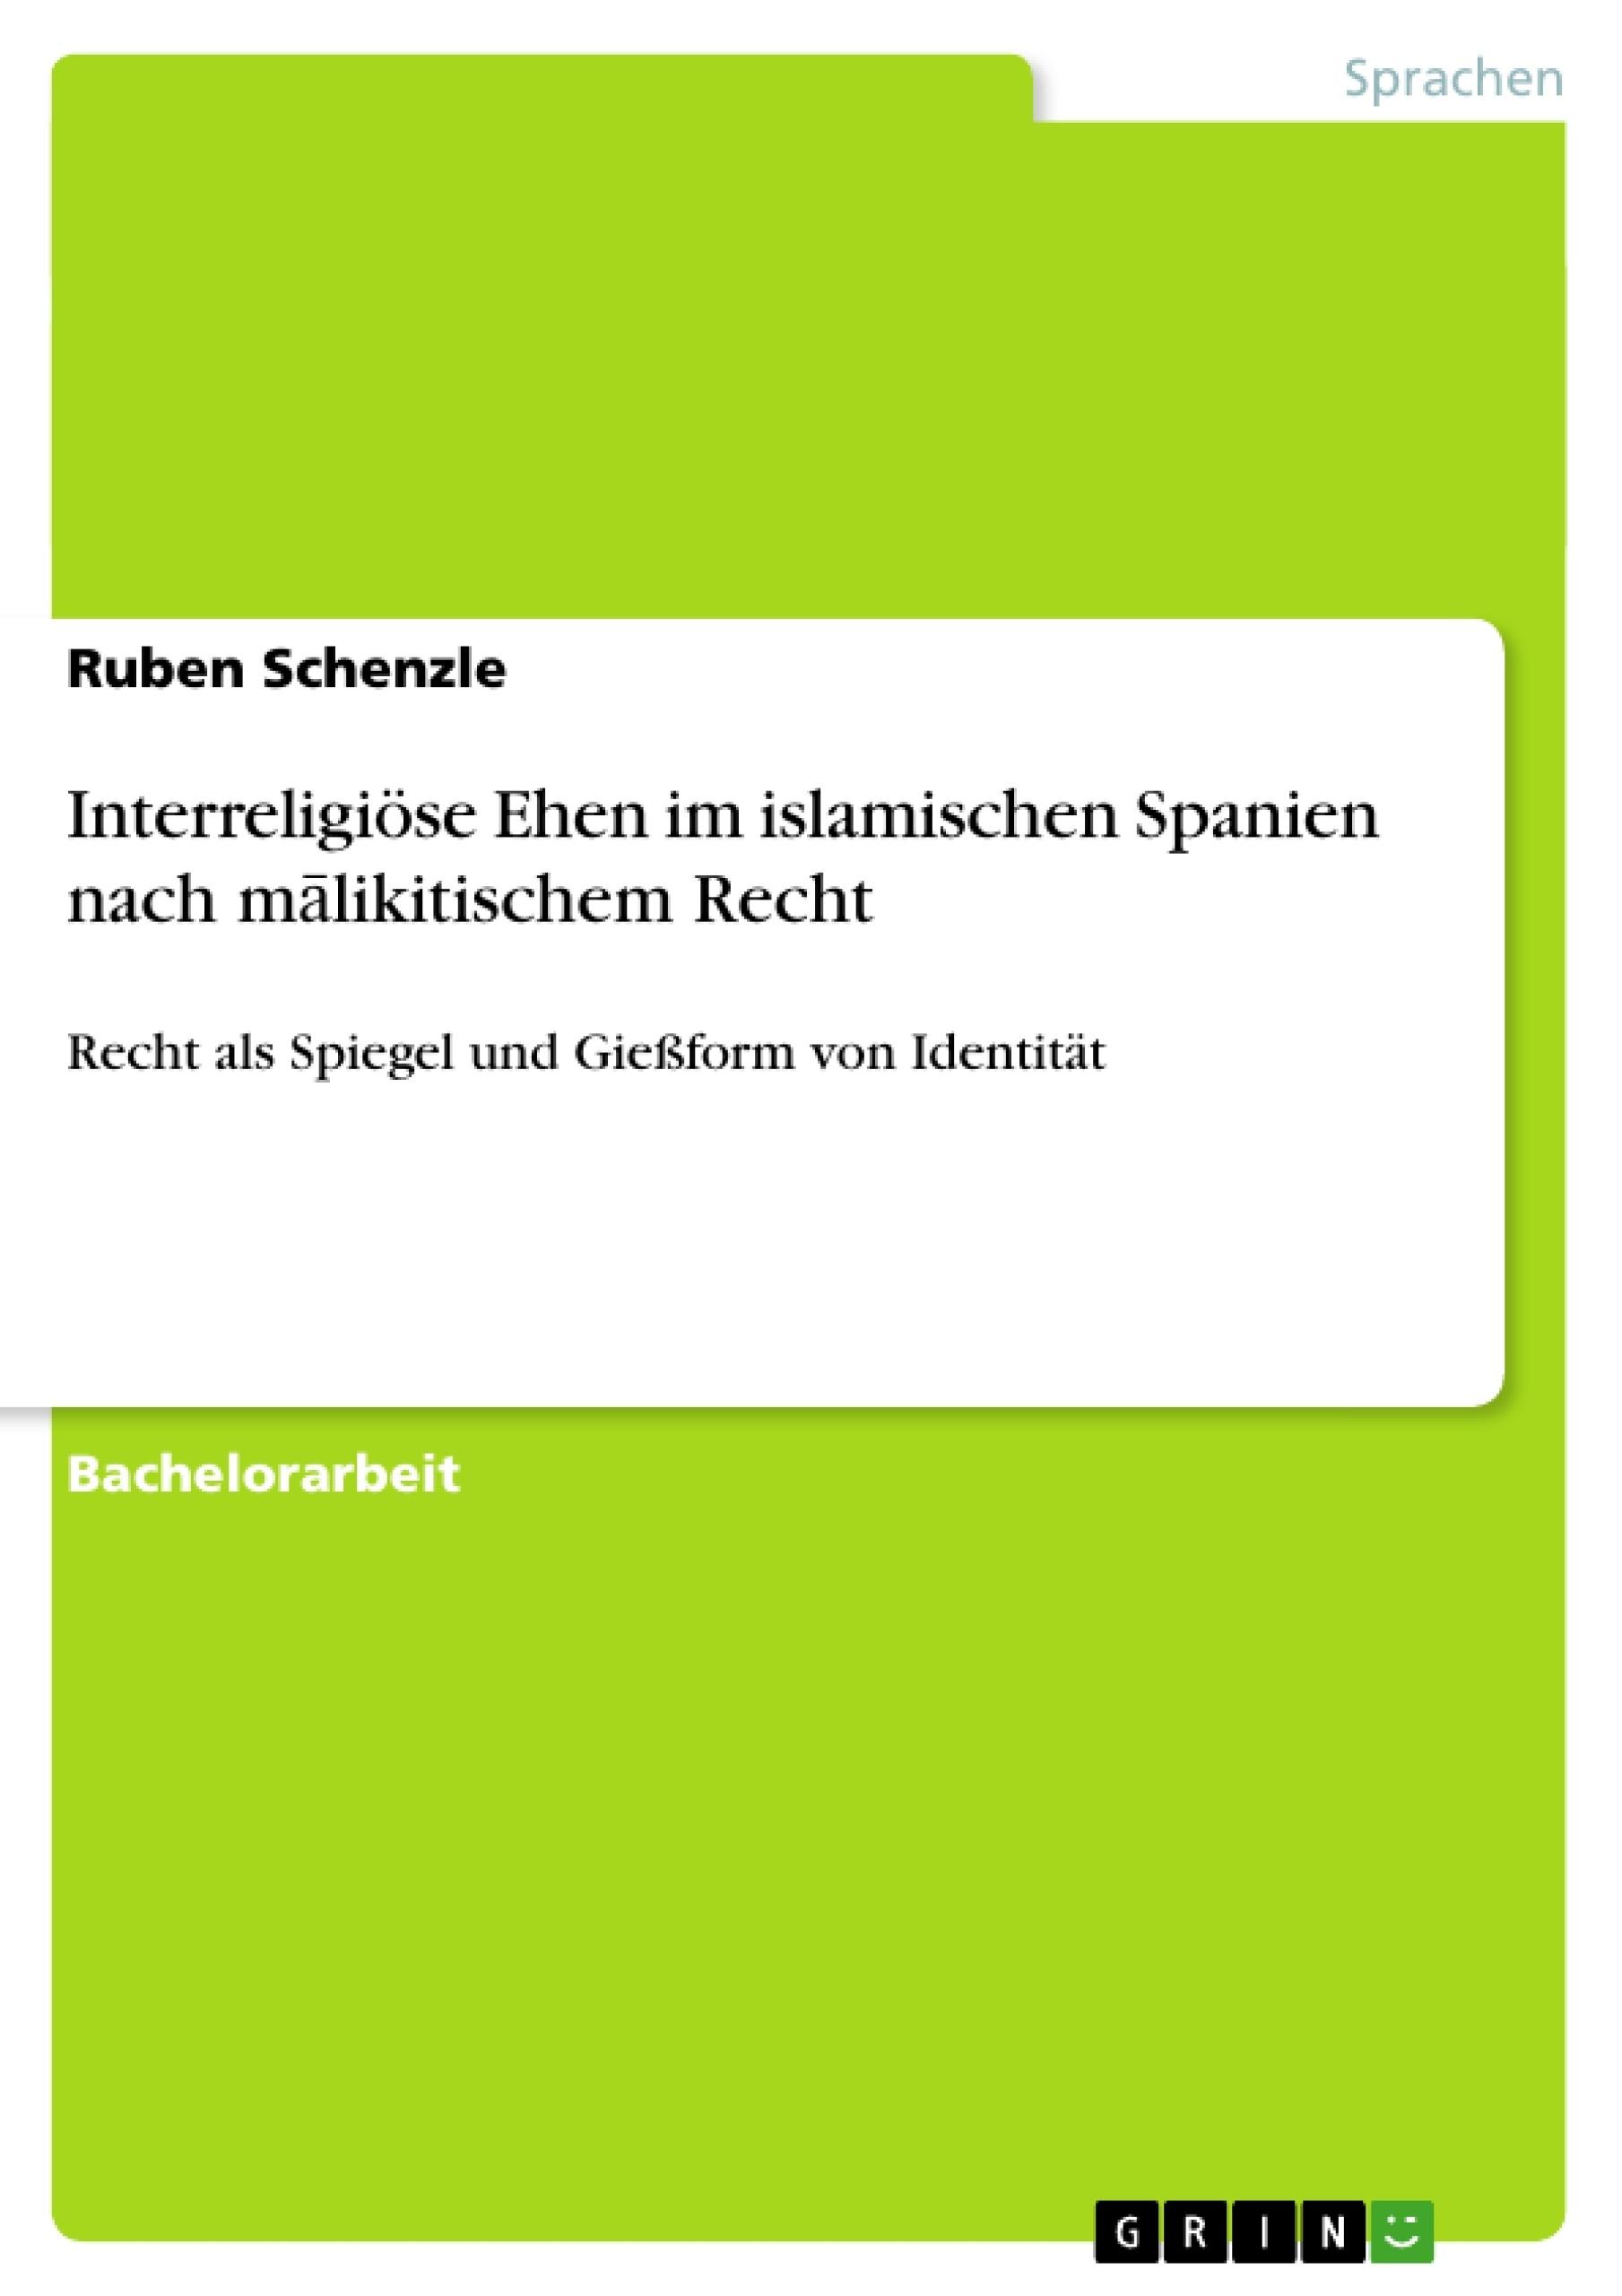 Titel: Interreligiöse Ehen im islamischen Spanien nach mālikitischem Recht